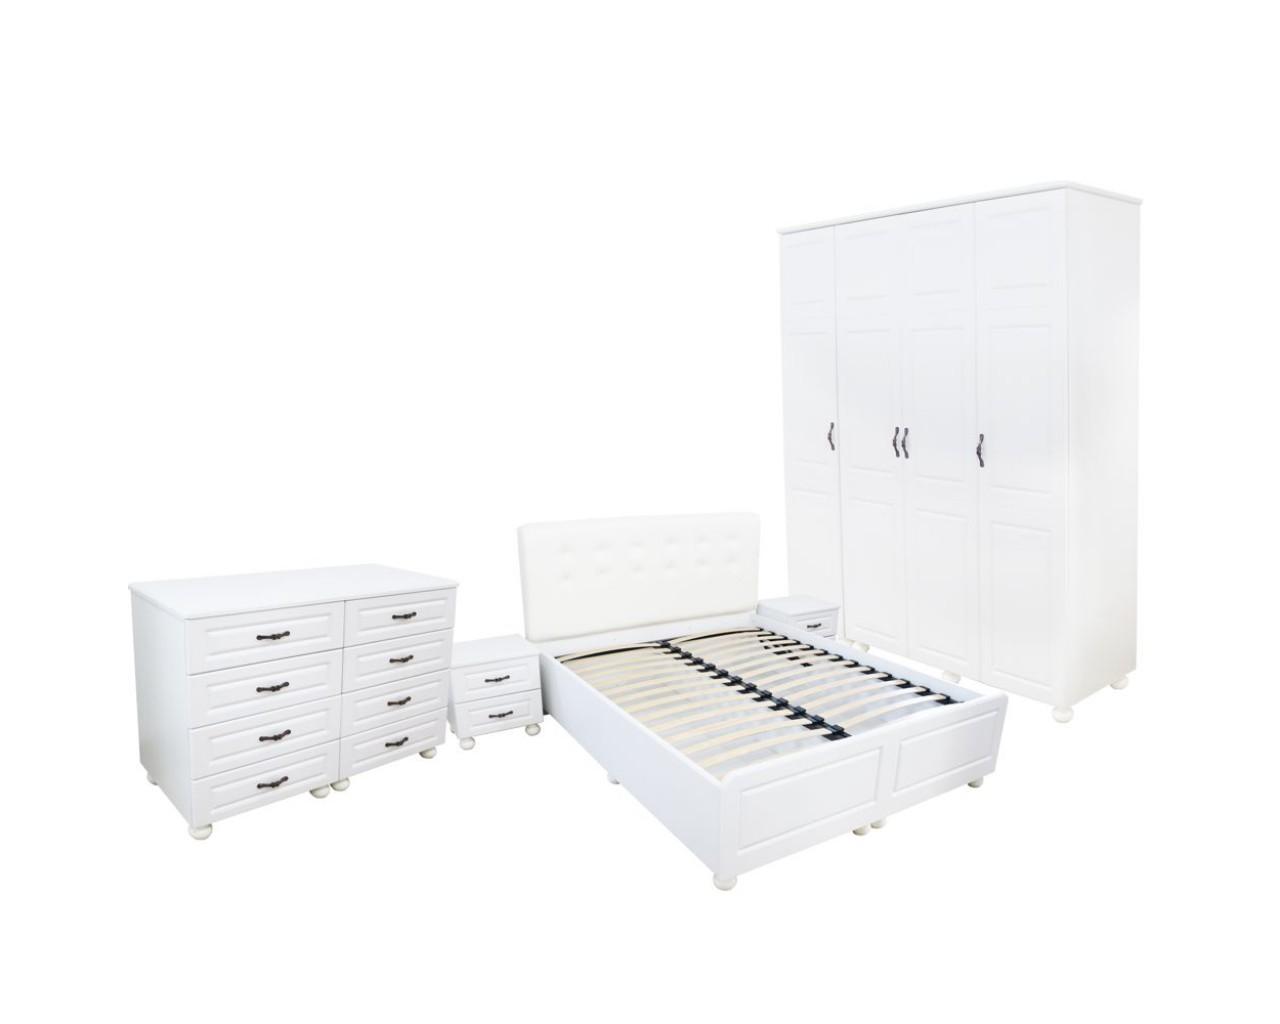 dormitor-dynasty-alb-cu-pat-140×200-cm-1280×1024